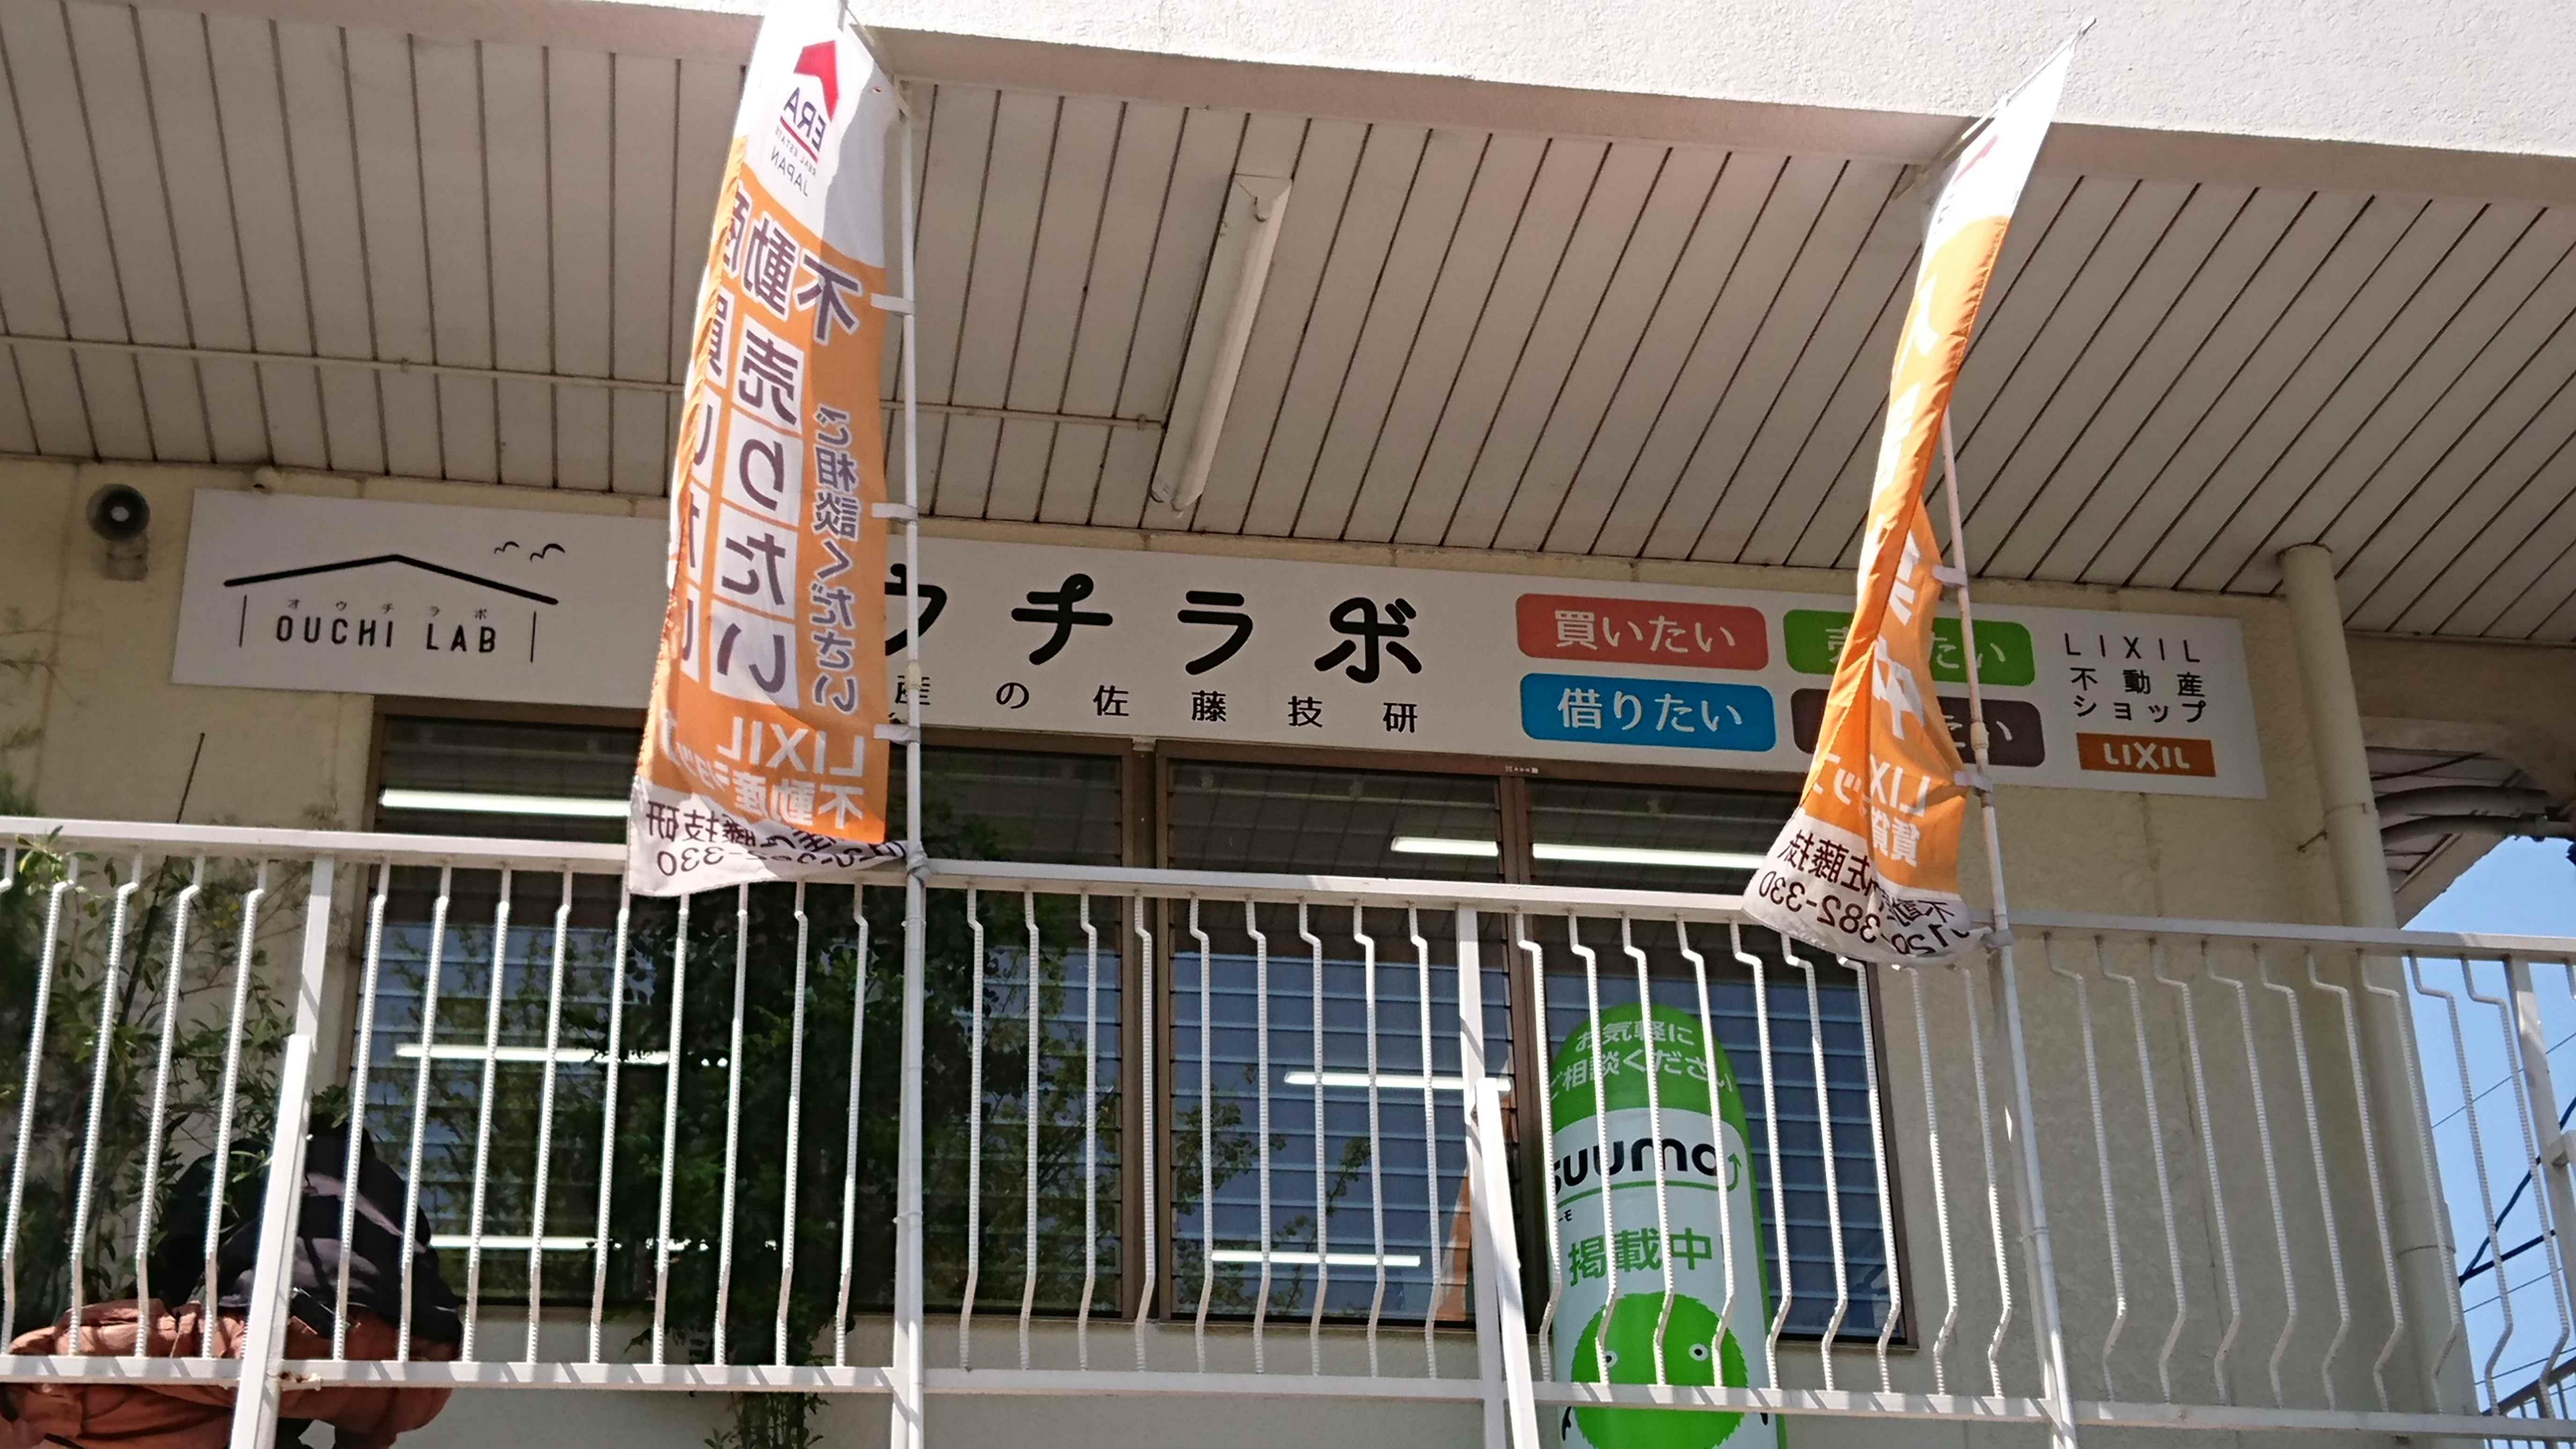 佐藤技研工業オウチラボ看板